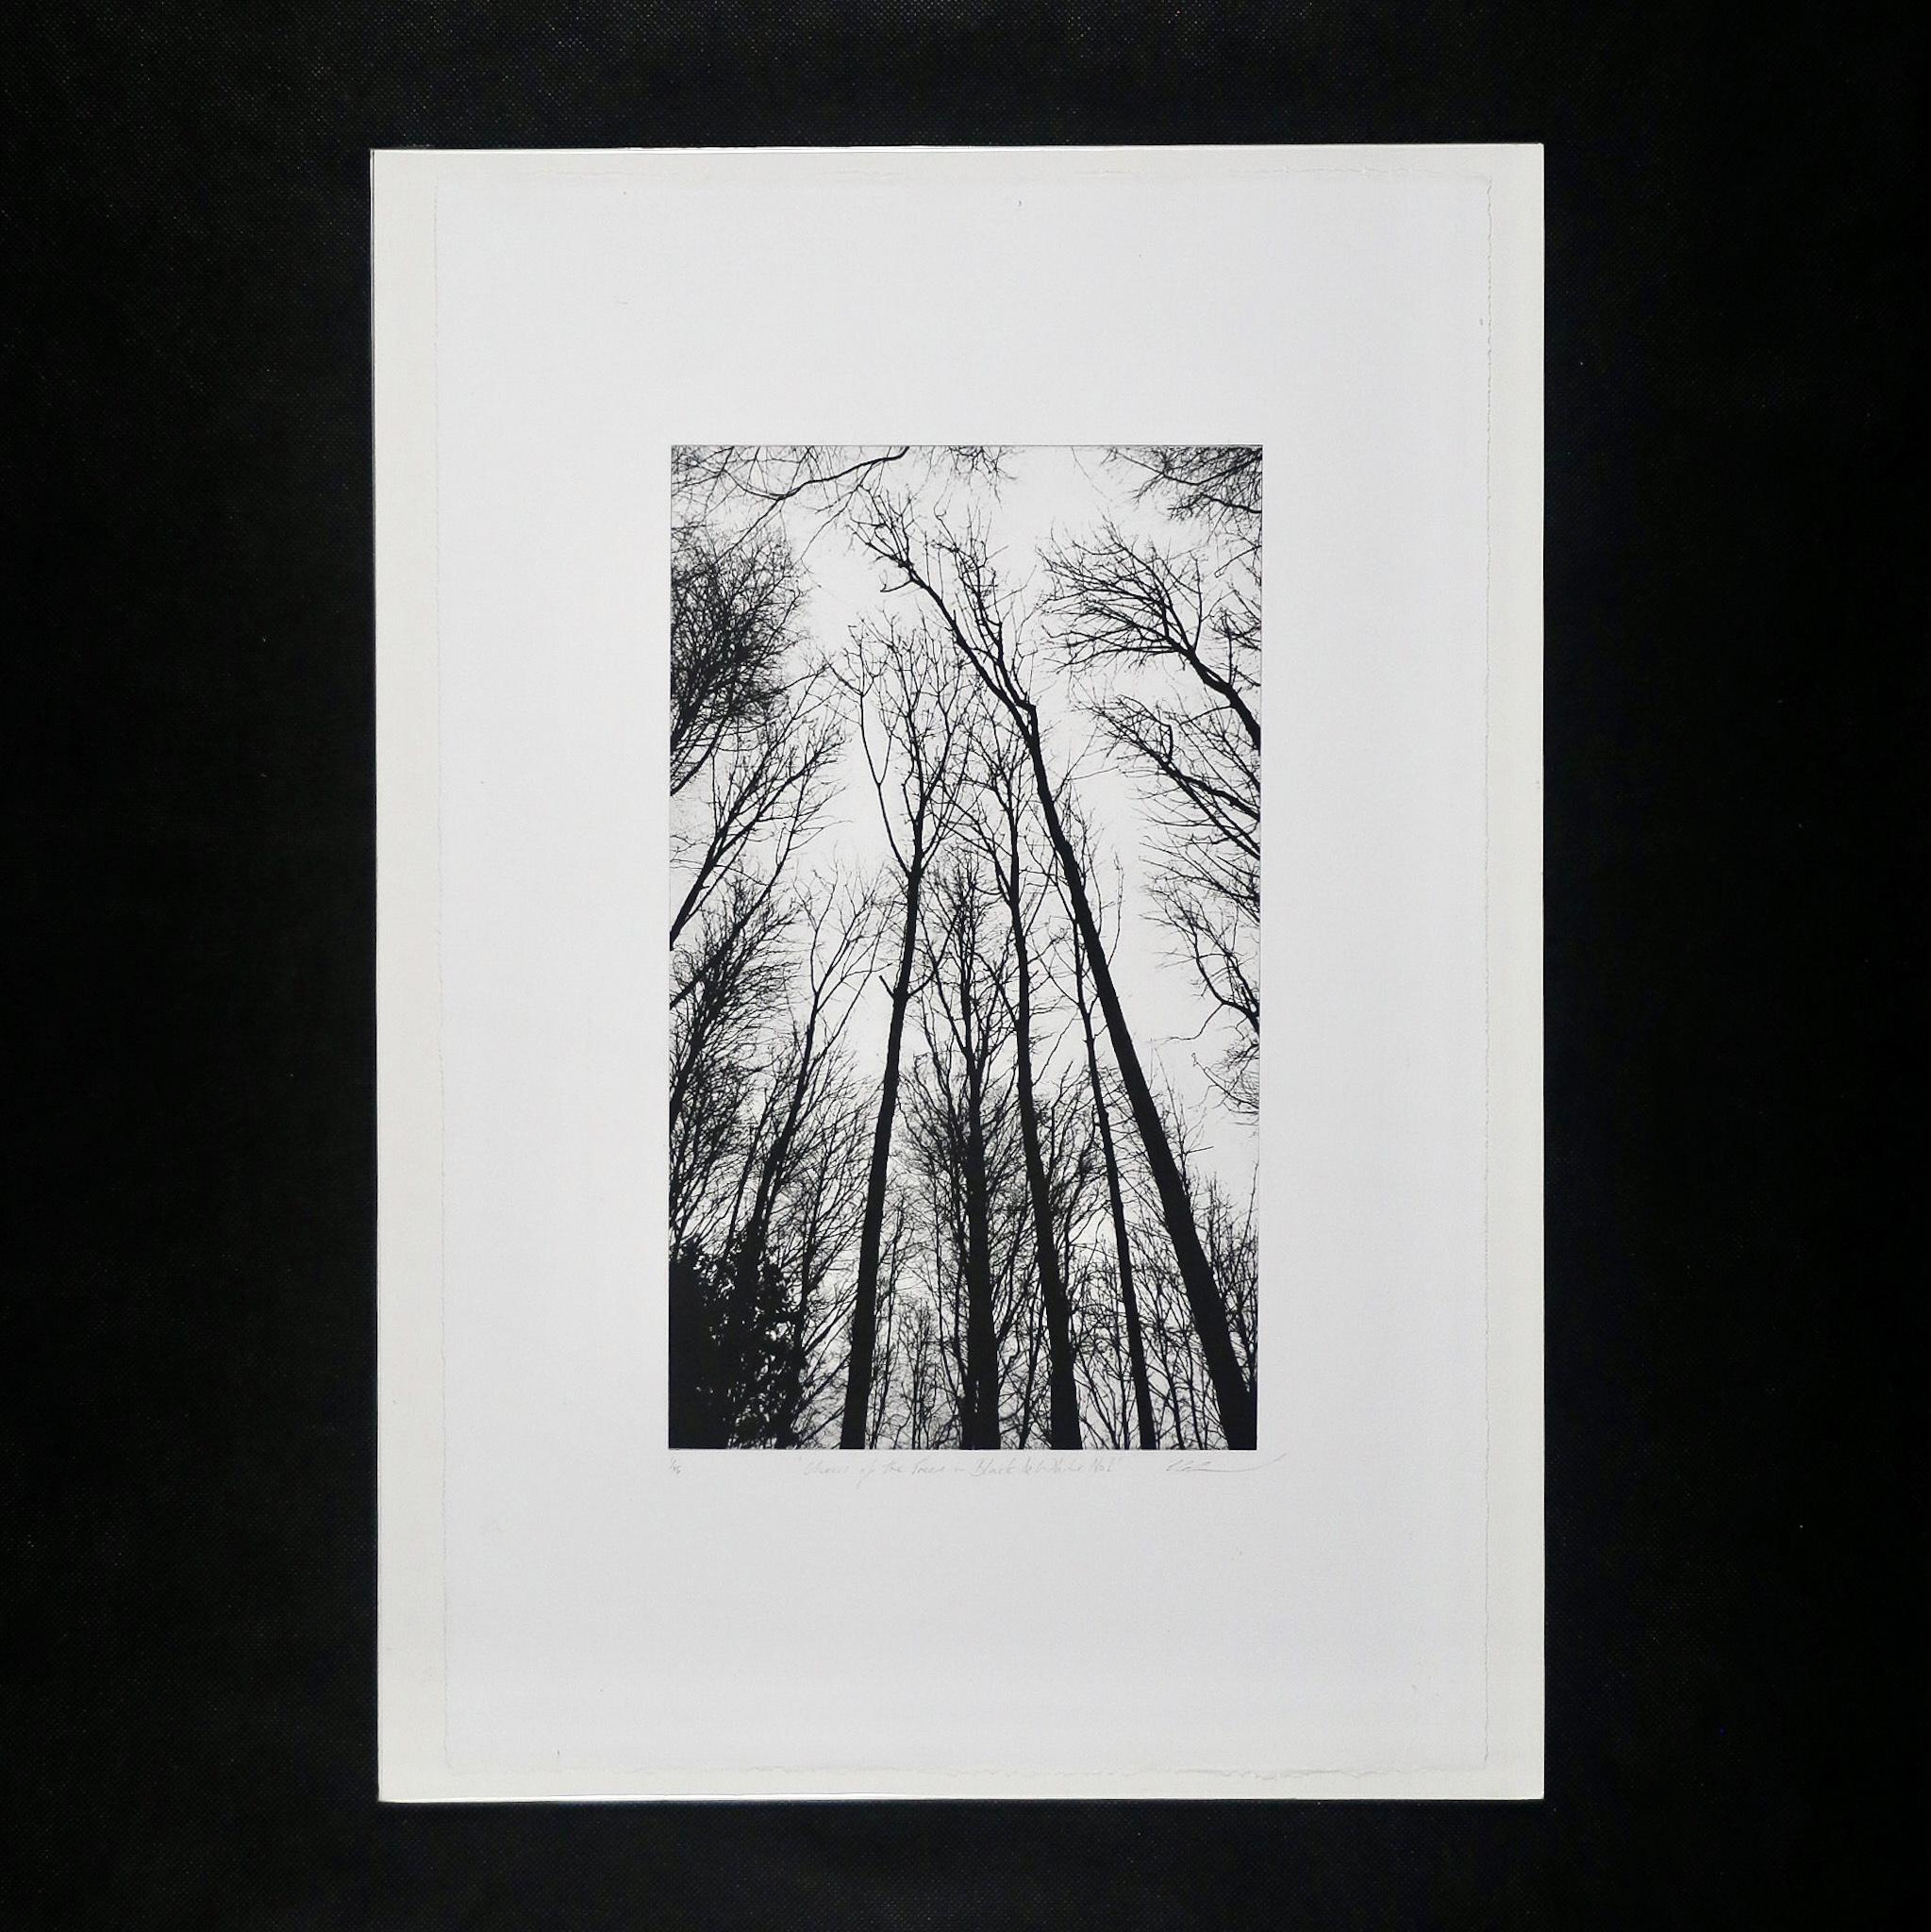 E7B87776 07EF 4A78 9938 6F425DF2A9B4 - Chorus of the Trees in Black & White, No I by Clare Grossman